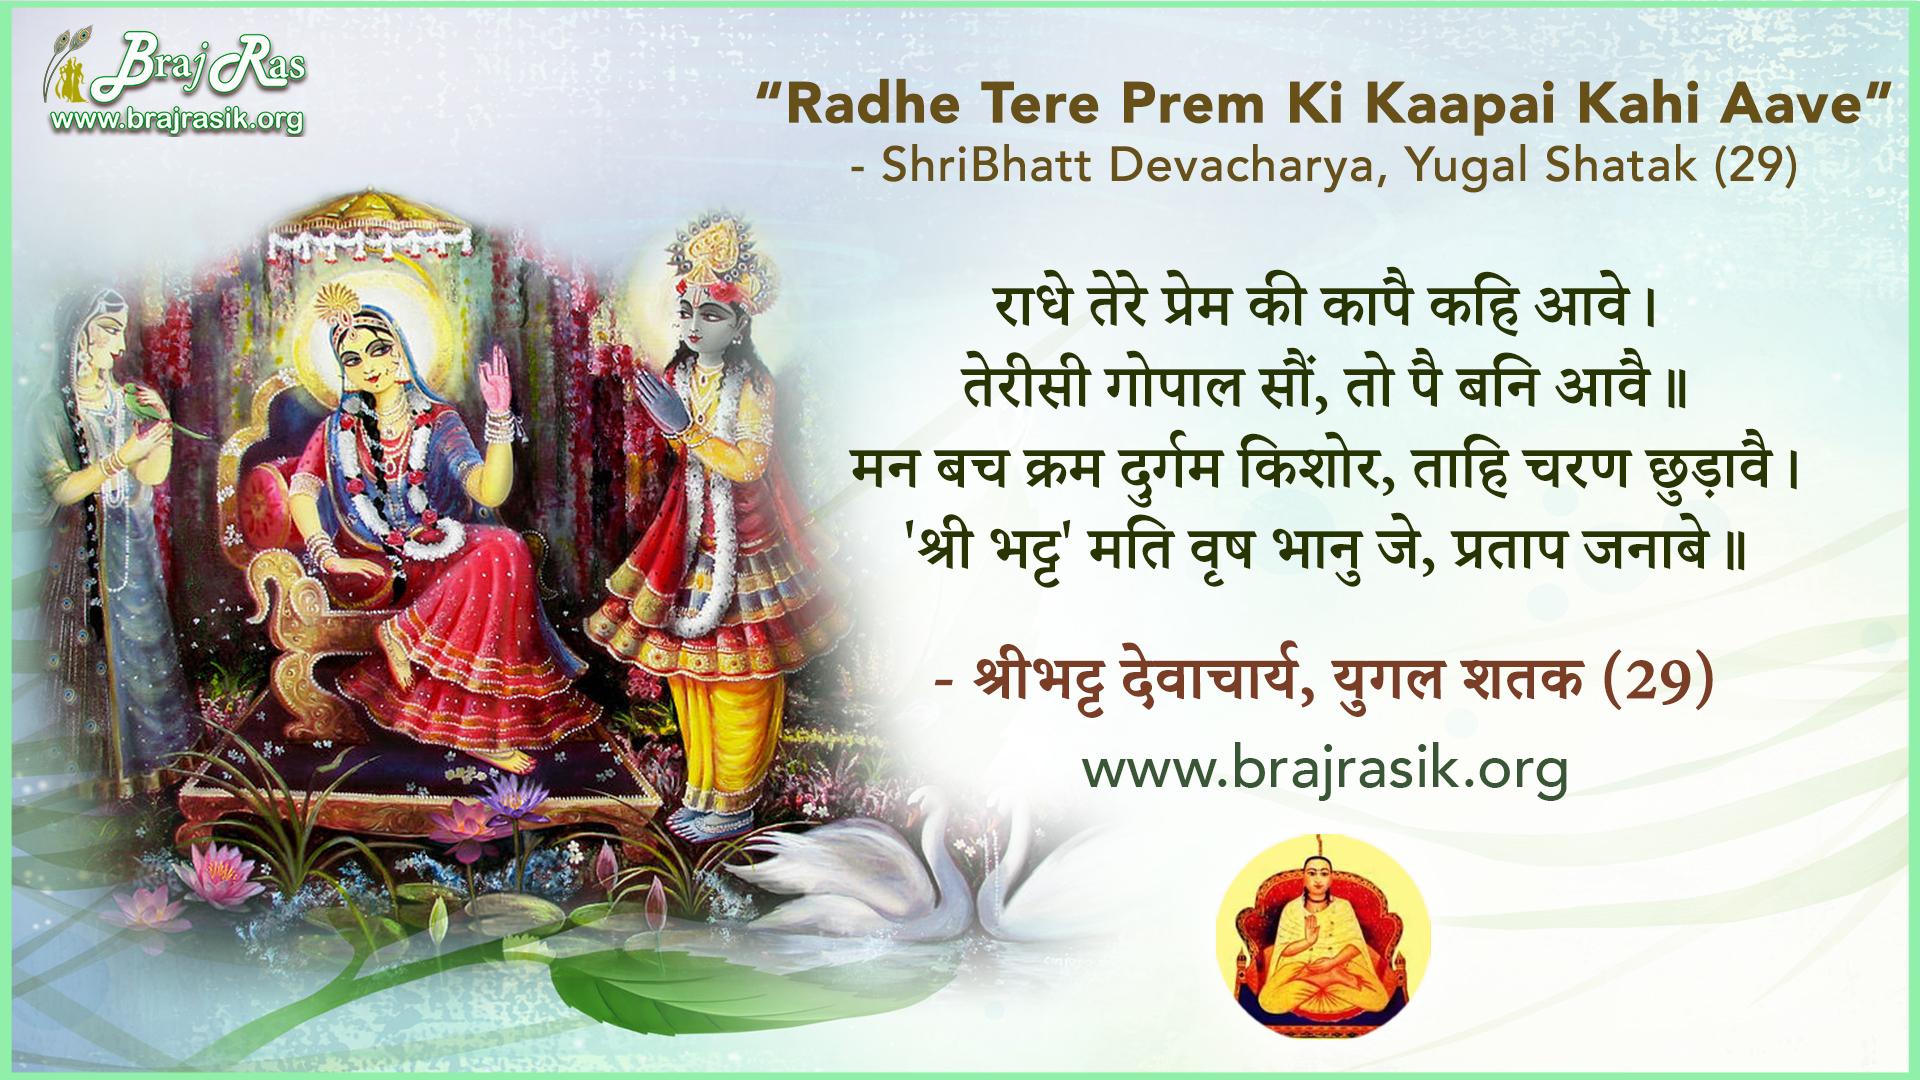 Radhe Tere Prem Ki Kaapai Kahi Aave - ShriBhatt Devacharya, Yugal Shatak (29)